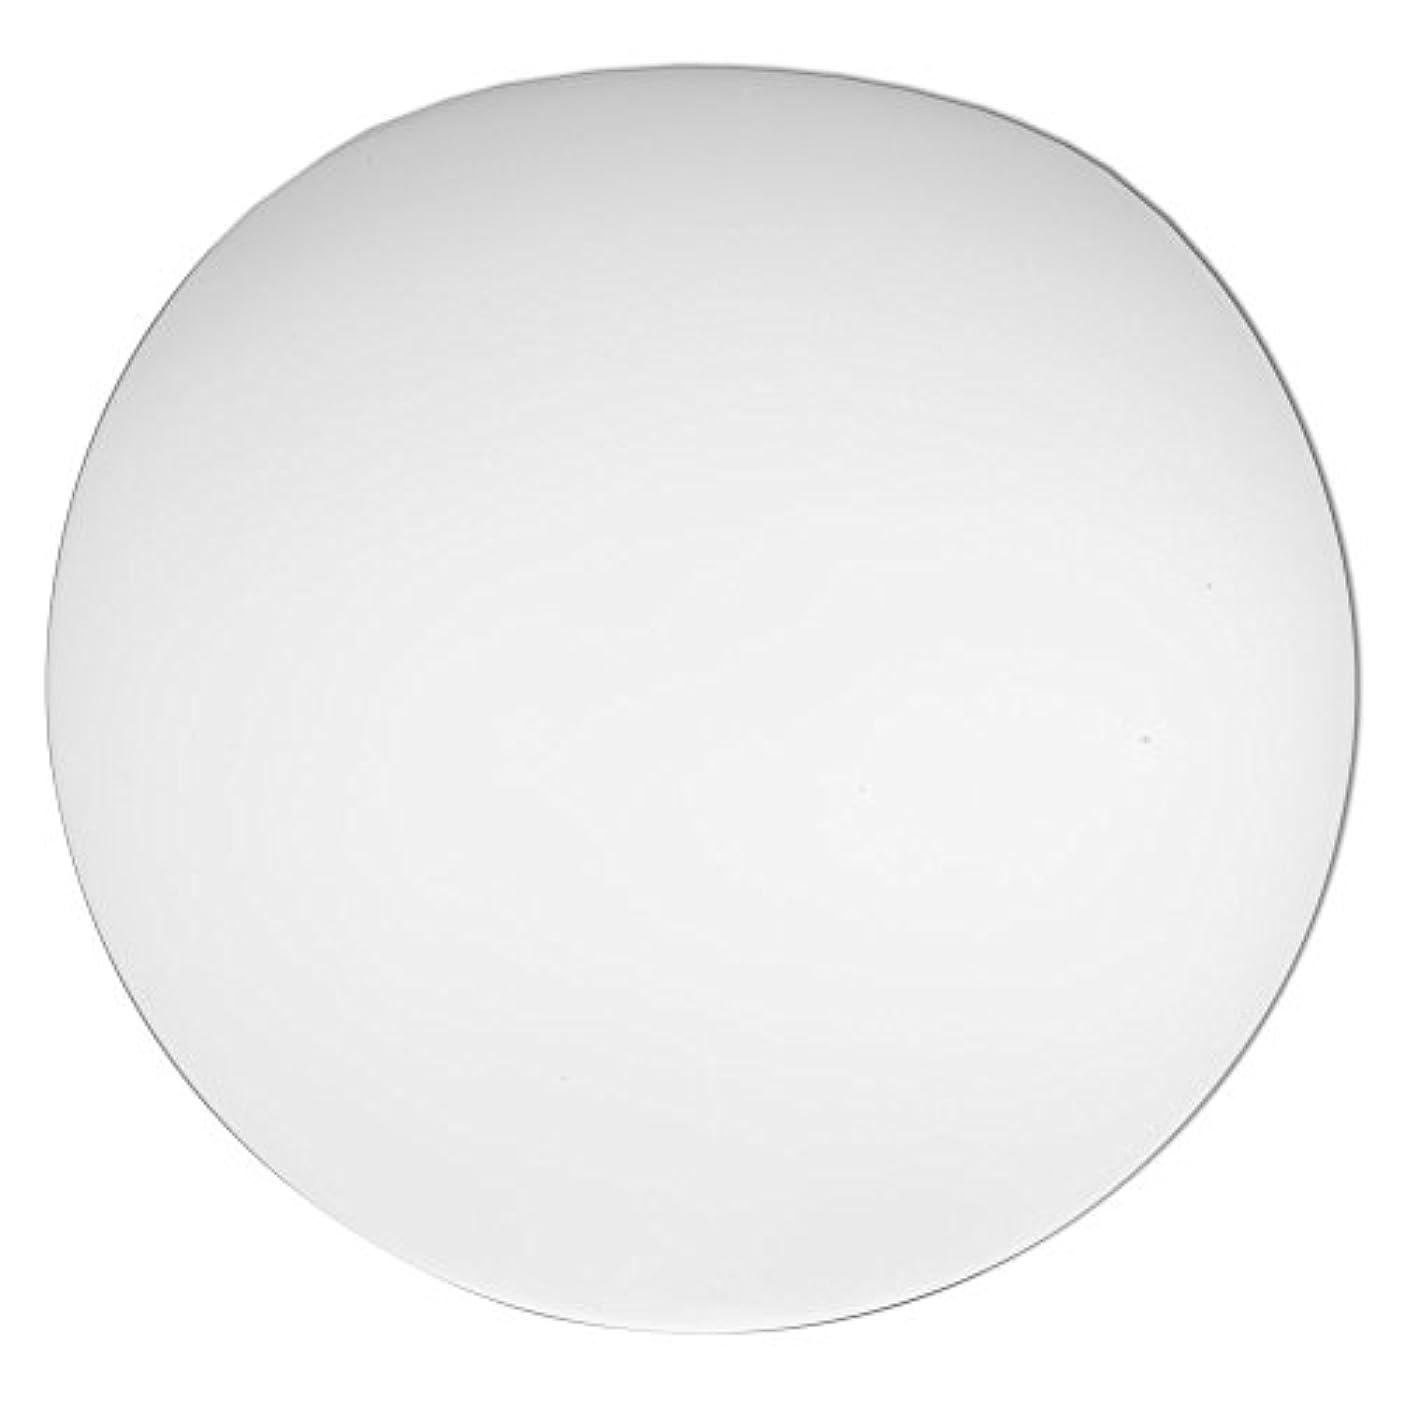 くびれた魚子孫Lithonia Lighting DGLOB6 M12 Replacement Glass Diffuser White [並行輸入品]